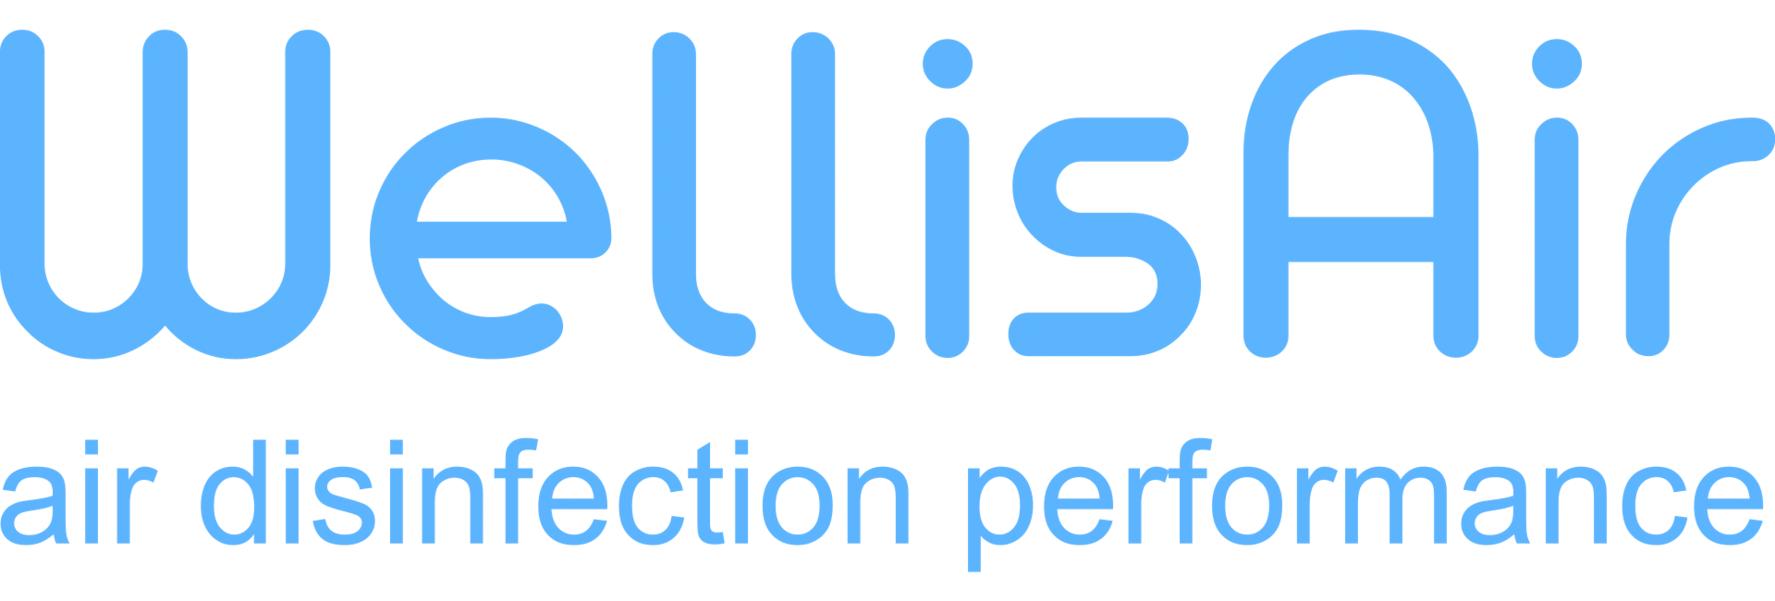 wellis_logo_big2